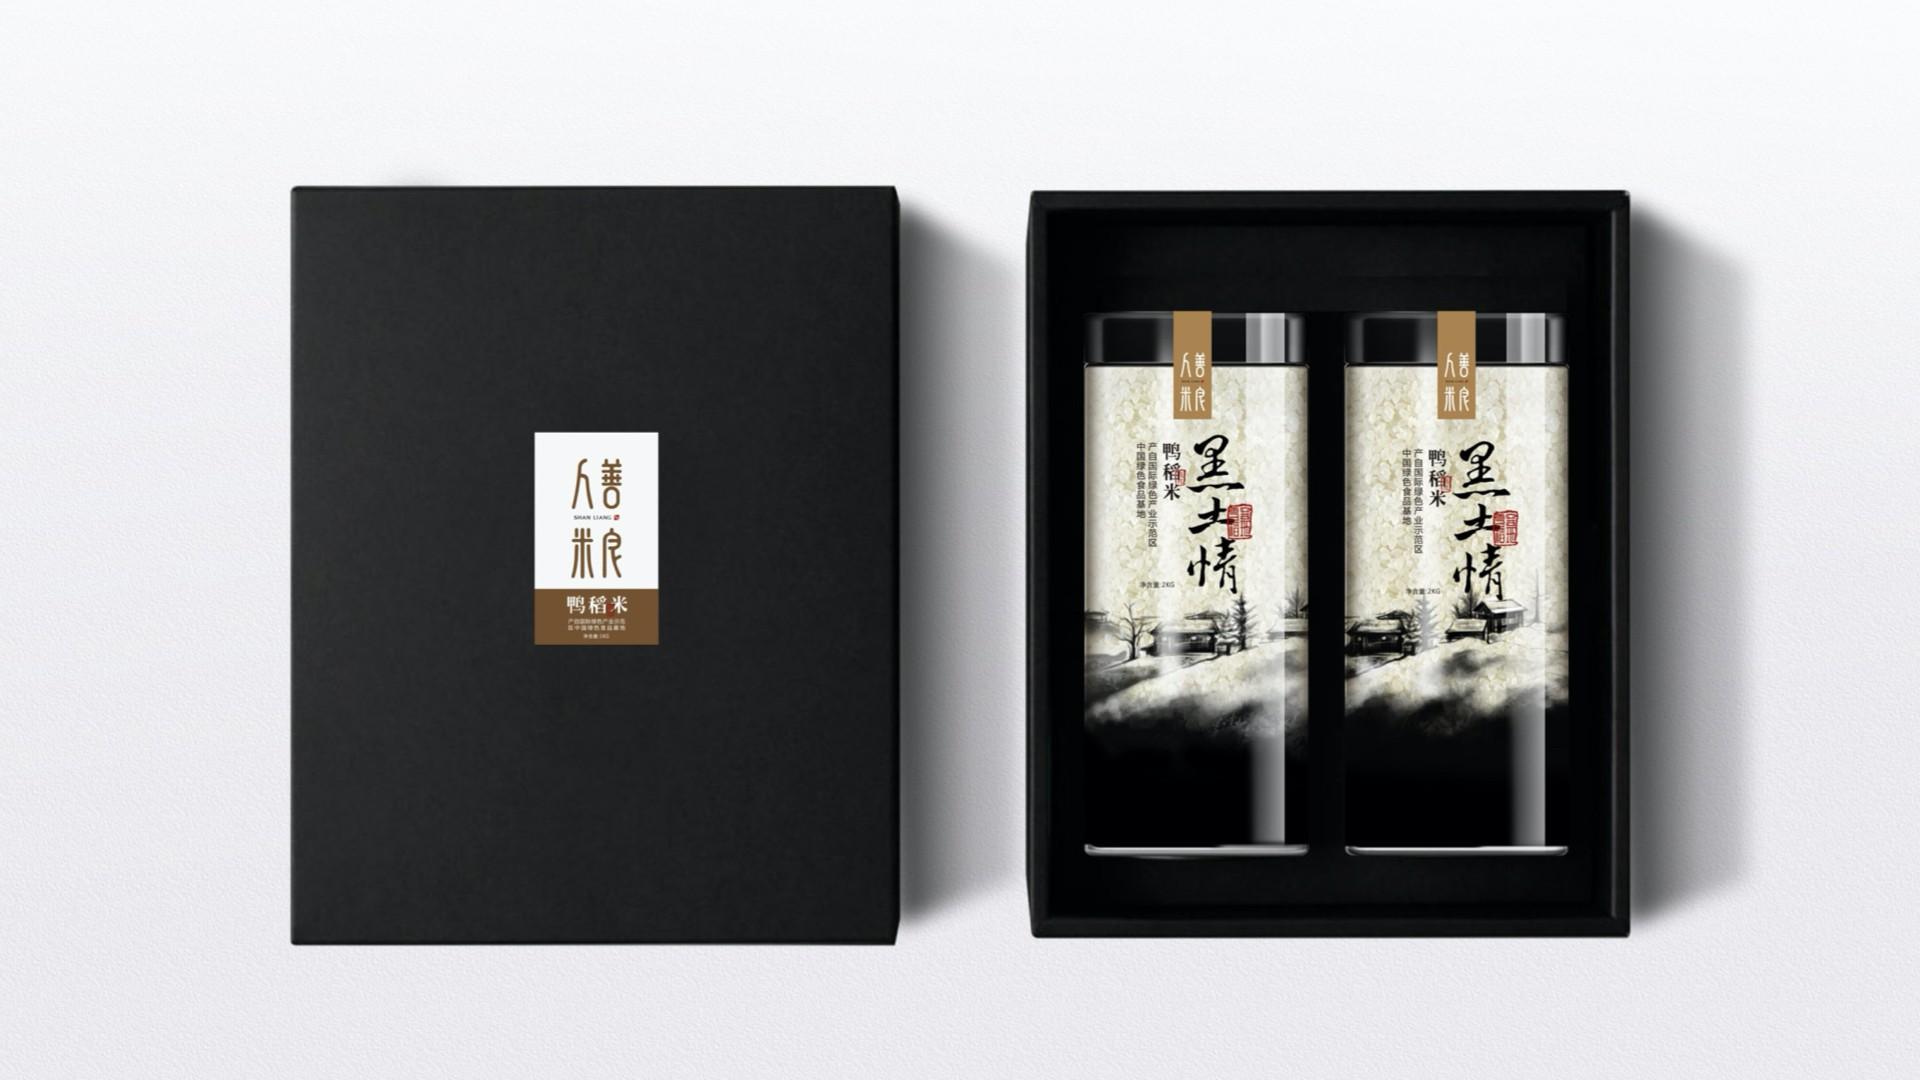 食品包装设计-农产品包装设计-达岸品牌营销咨询